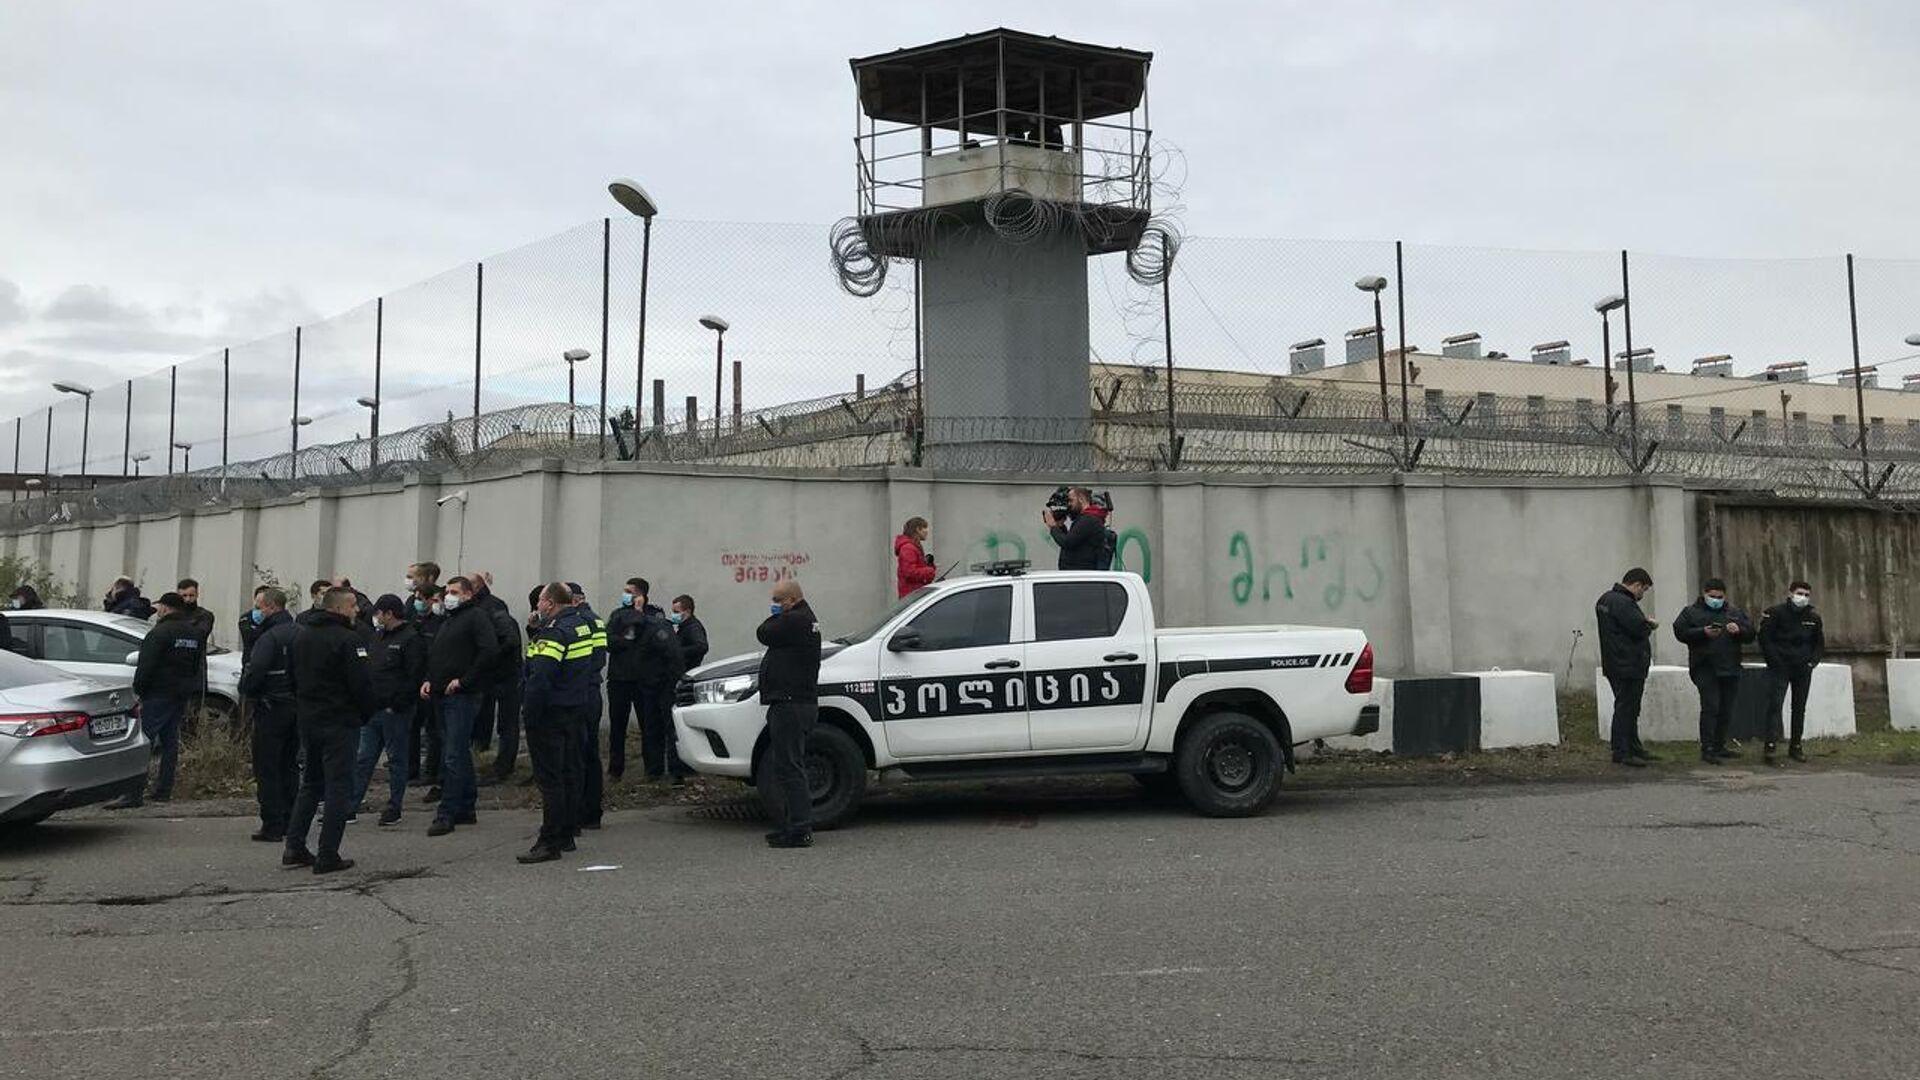 Акция в поддержку Михаила Саакашвили у здания руставской тюрьмы. 8 октября 2021 года - Sputnik Грузия, 1920, 09.10.2021